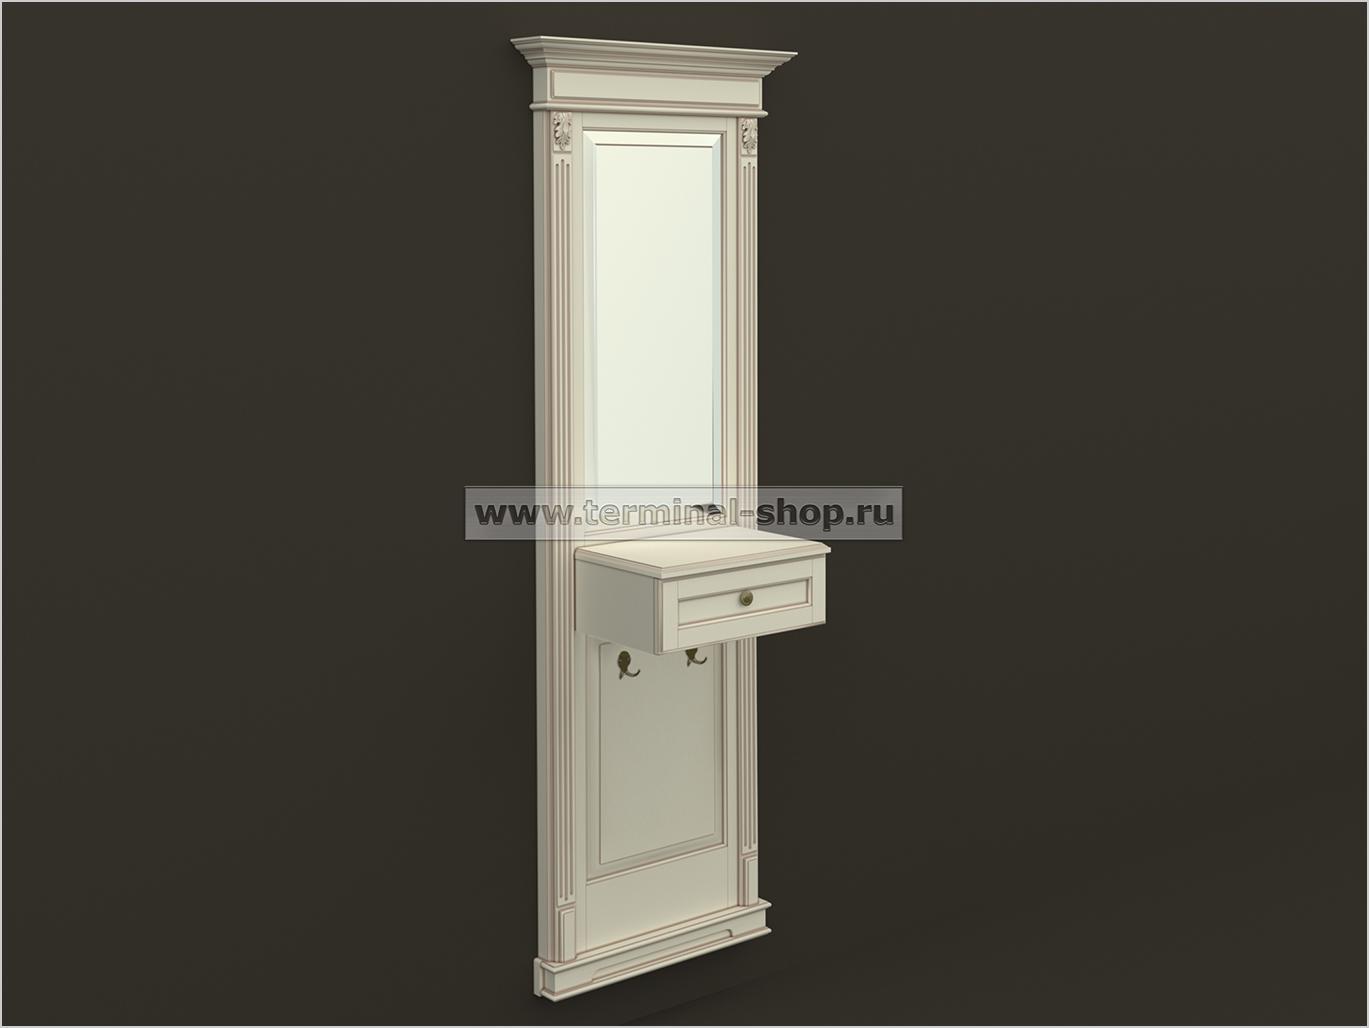 Панель-зеркало с консолью ПЗК-6/775